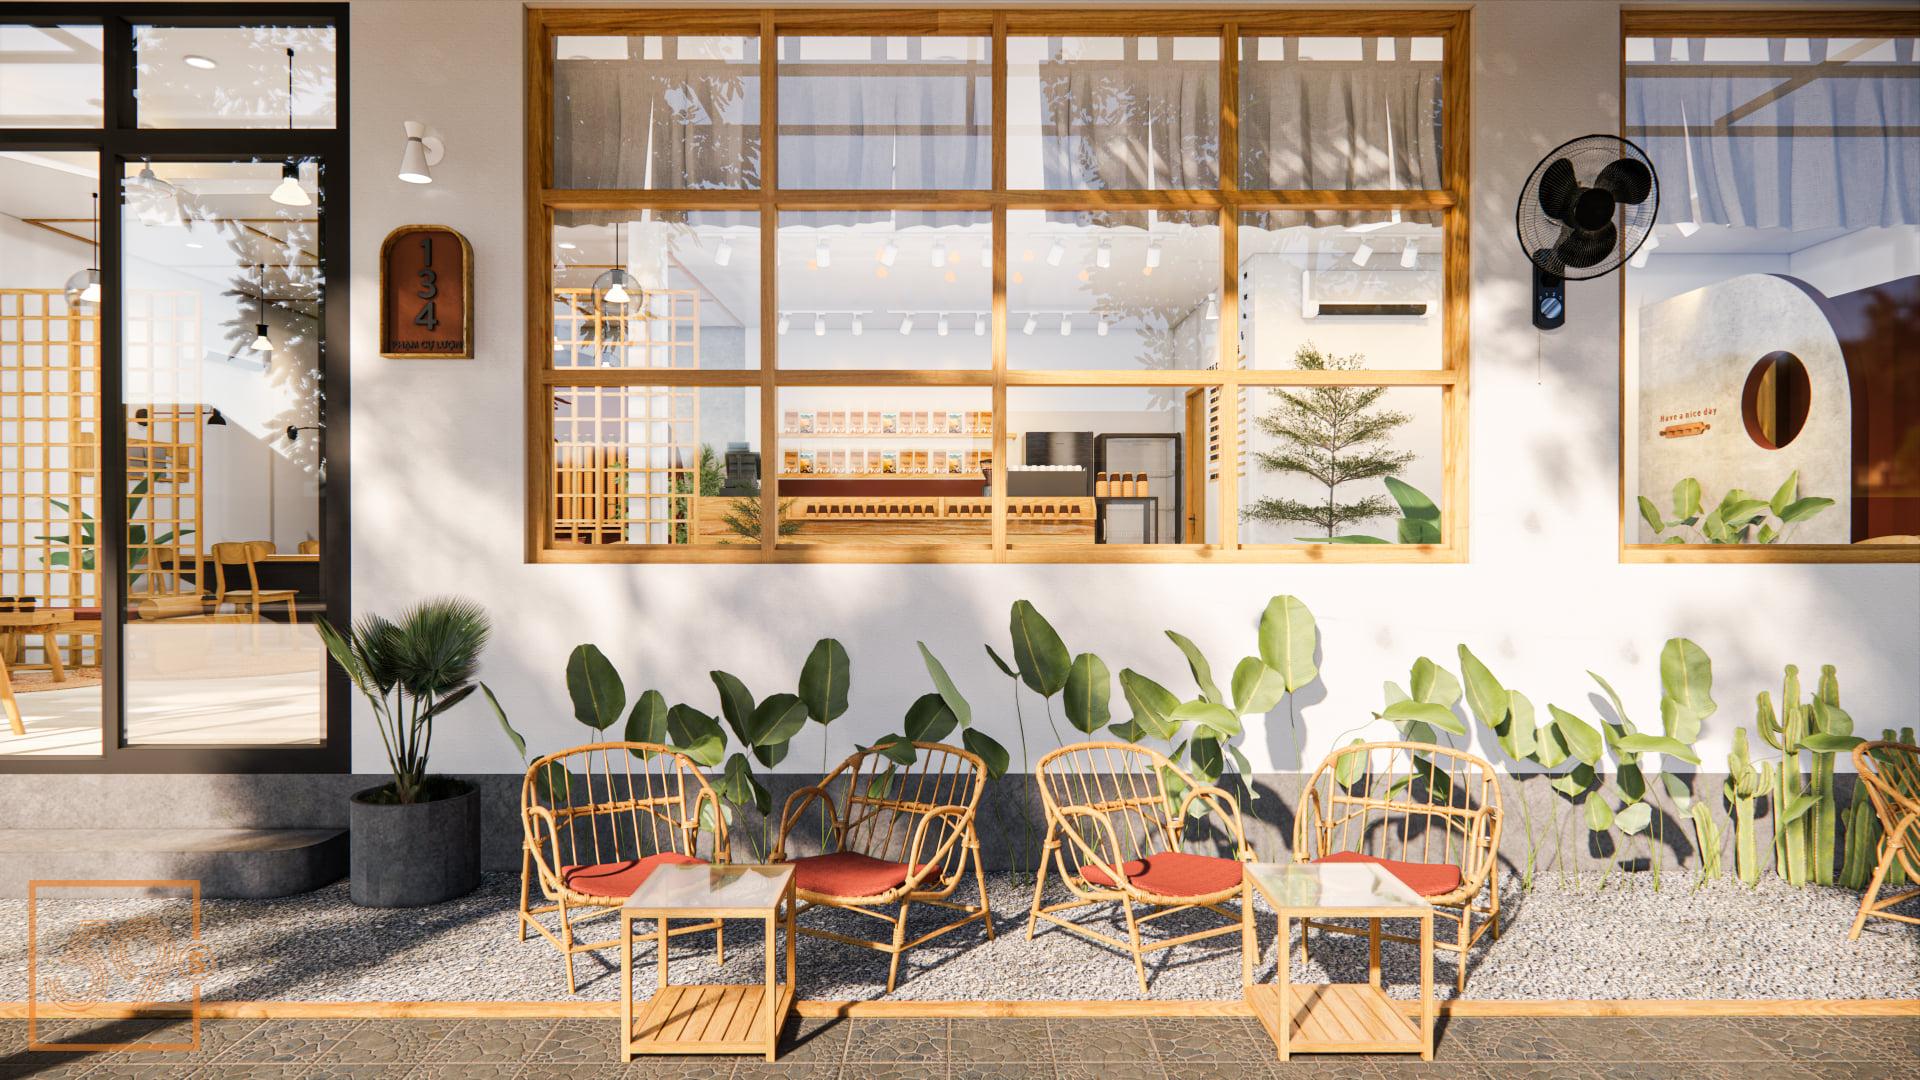 Trang Trí Quán Cafe Đà Nẵng